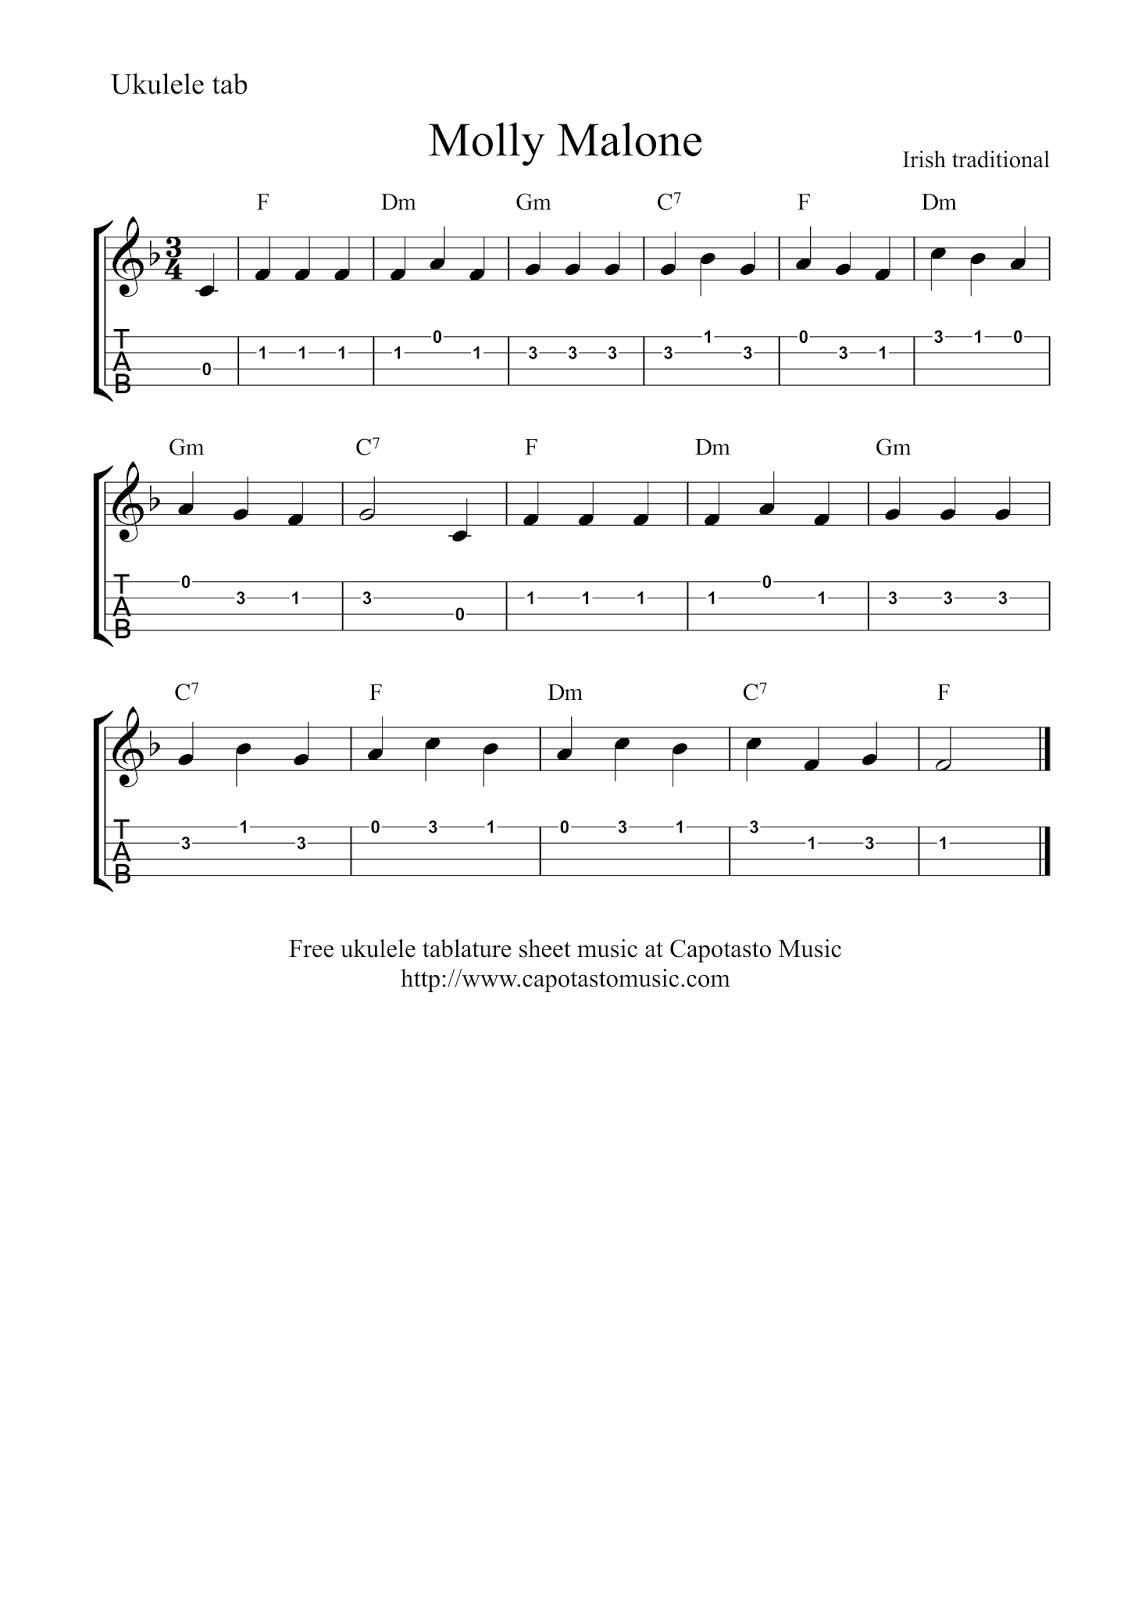 molly malone sheet music pdf